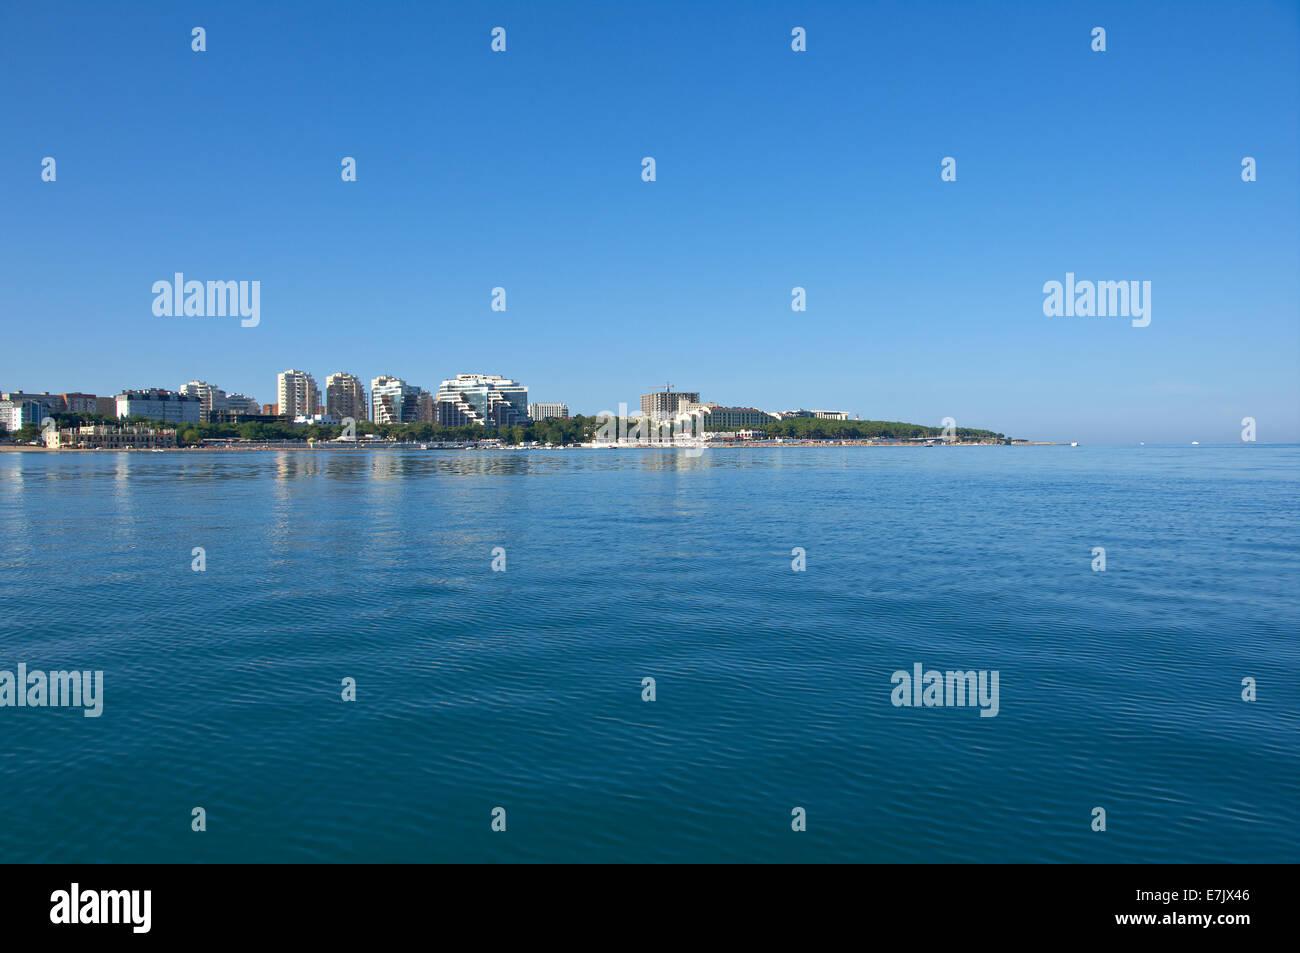 Is there a sea in Krasnodar The nearest sea from Krasnodar